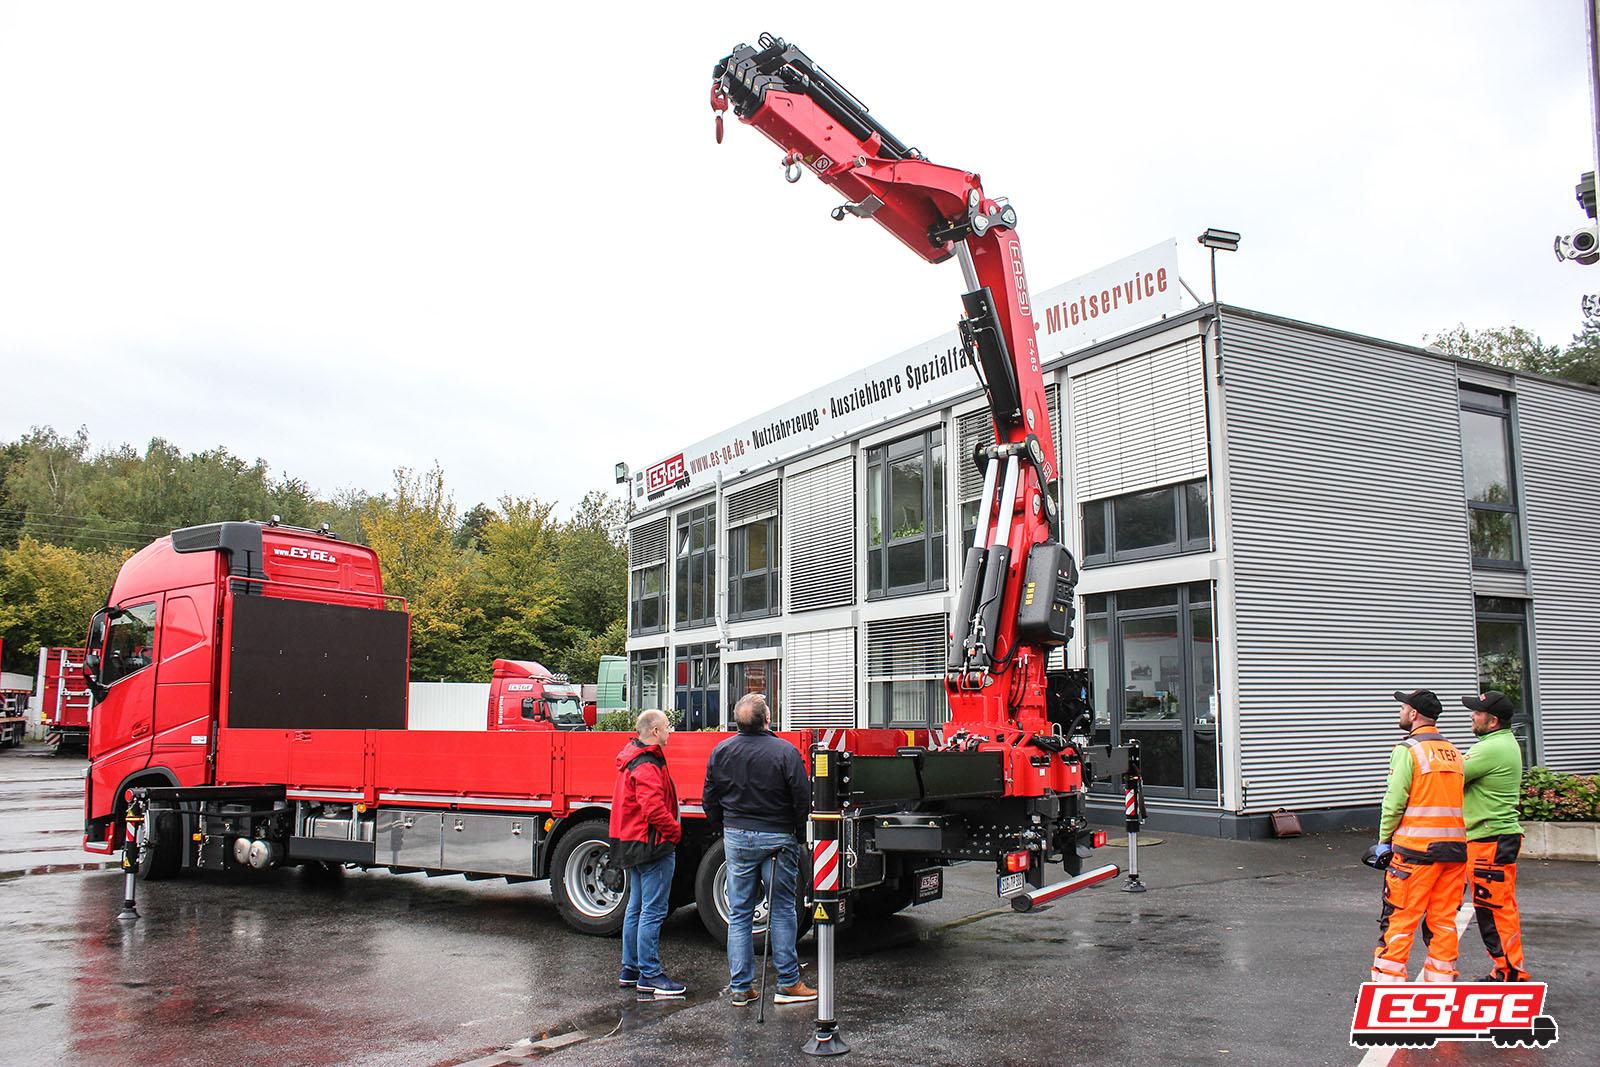 TEP-Gmbh-Volvo-LKW-mit-Ladekran-TEP-GmbH-Referenzen-ES-GE-4